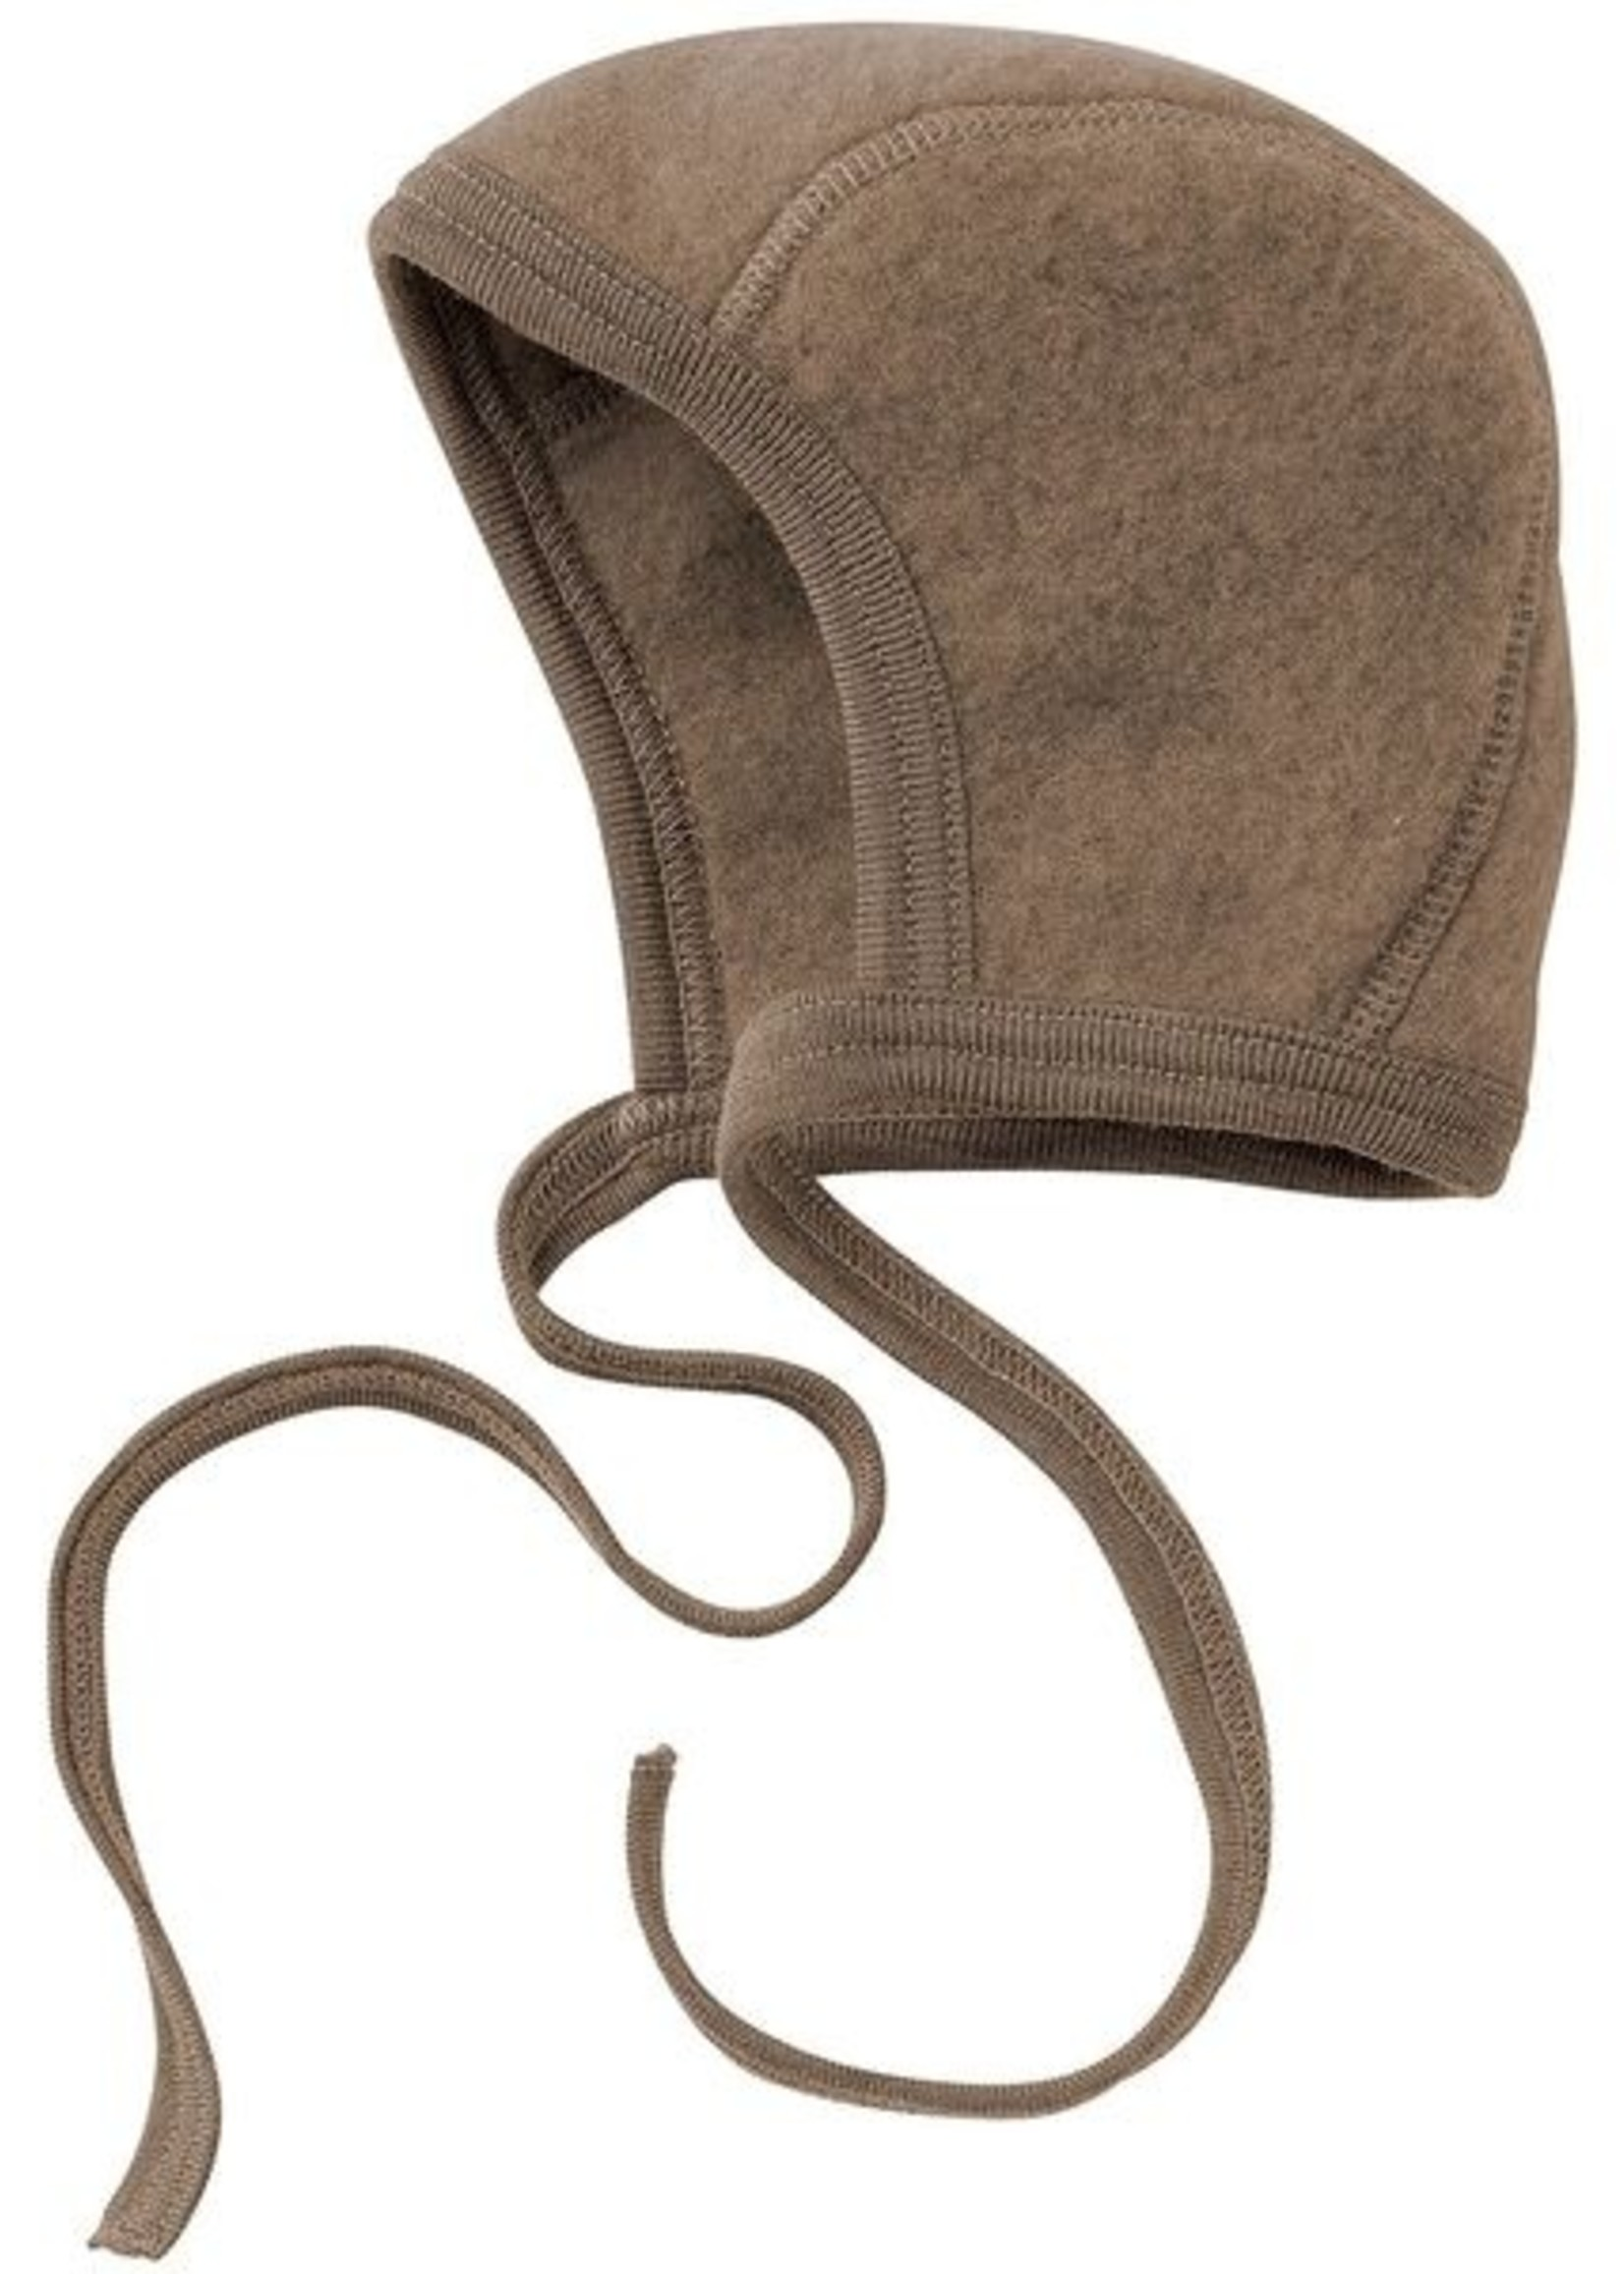 Engel Baby Bonnet - Walnut